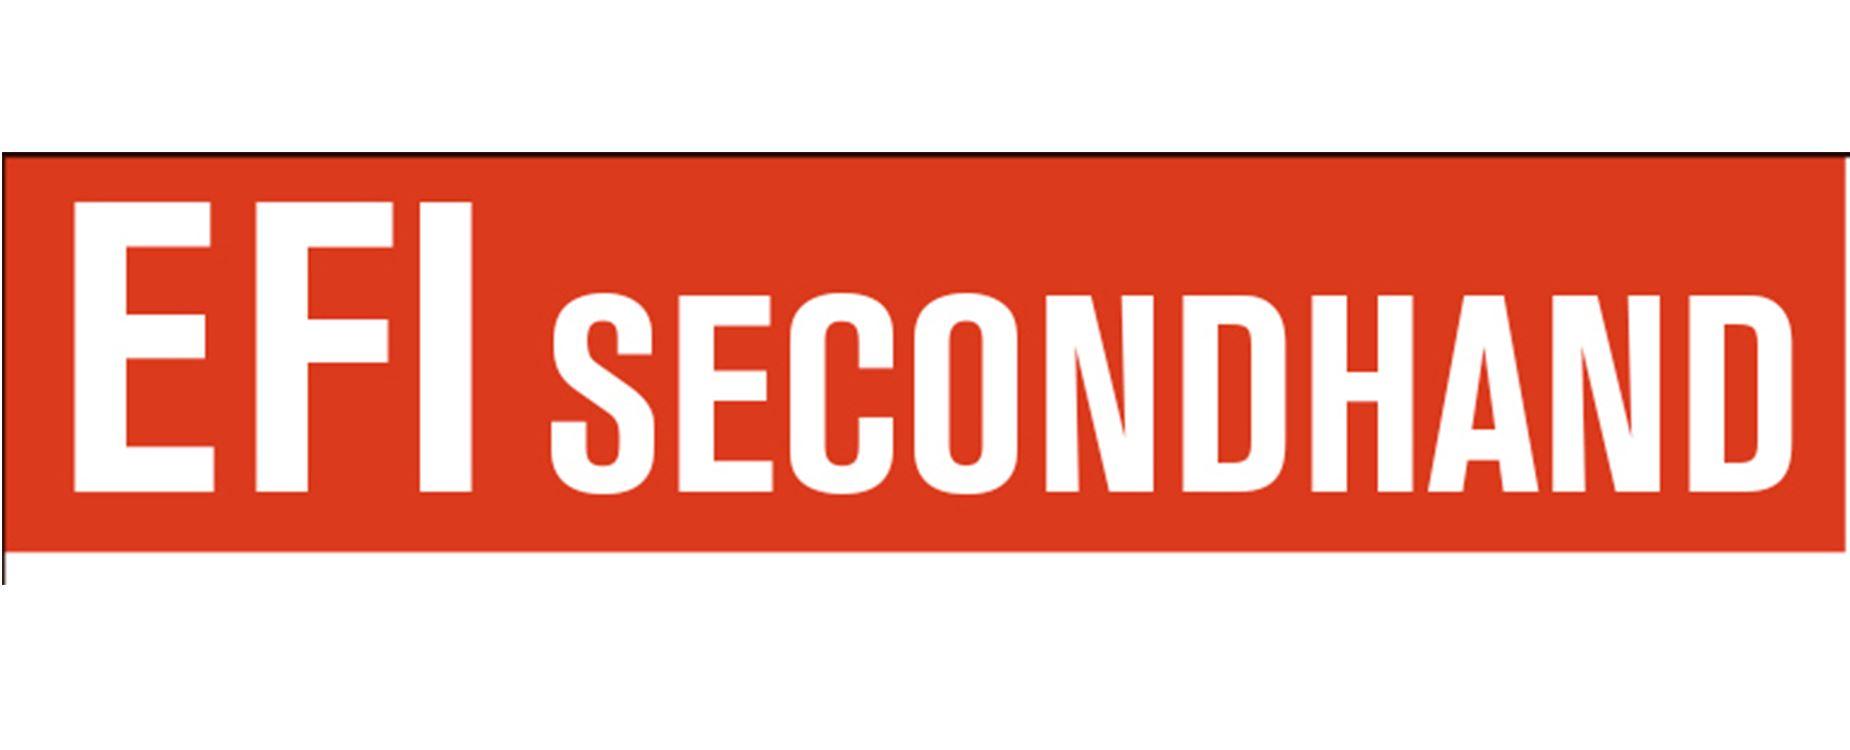 Second Hand: EFI